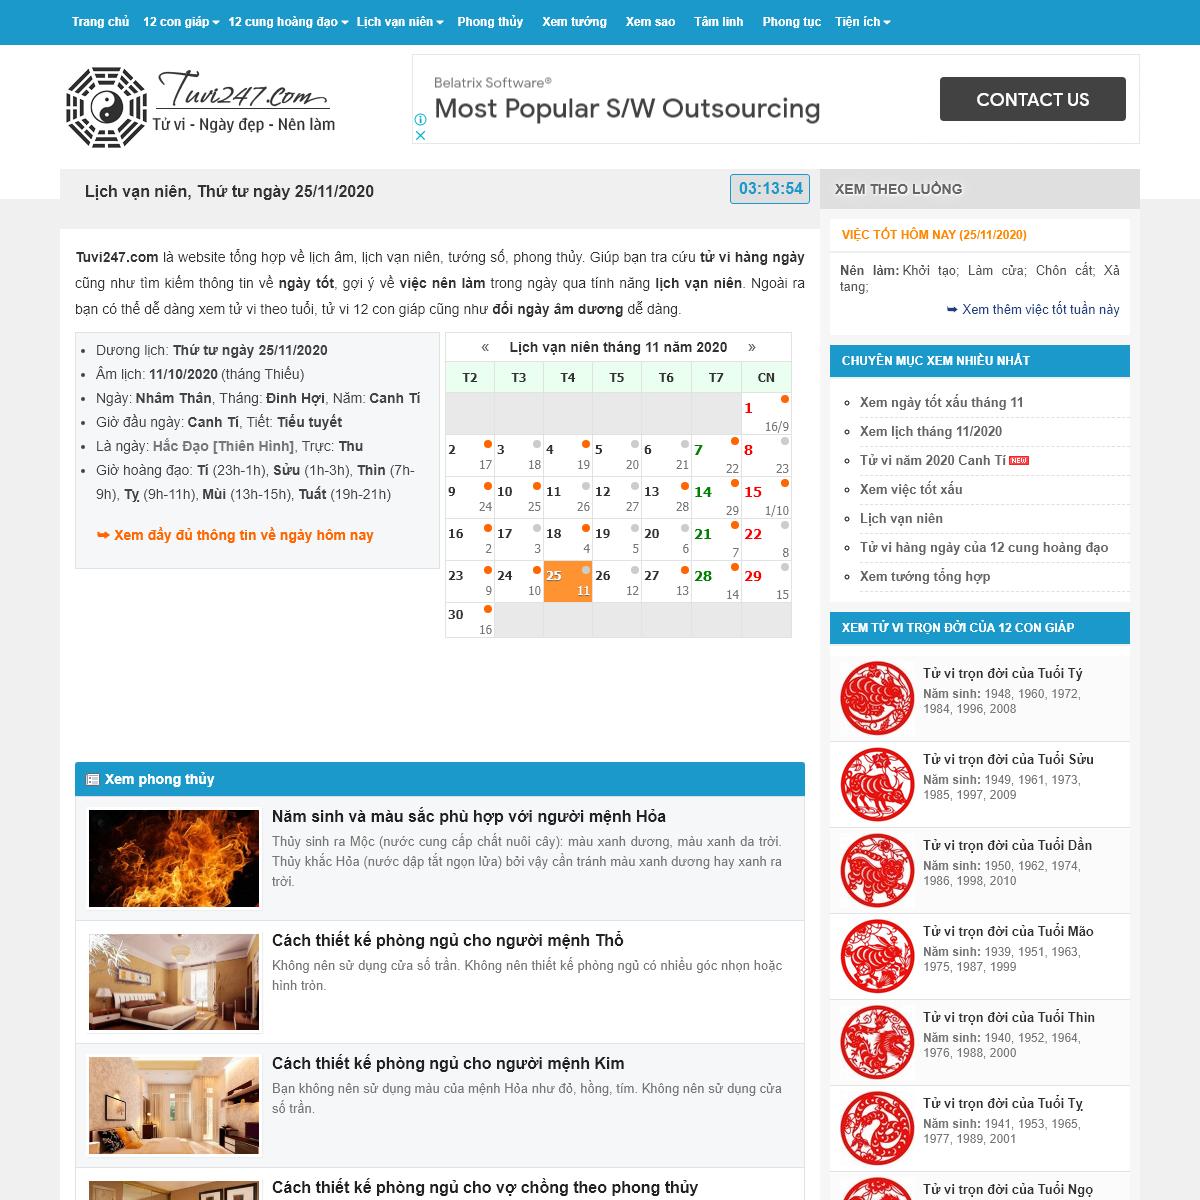 Tuvi247.com - Tử vi hàng ngày - Tử vi 12 con giáp - Lịch vạn sự